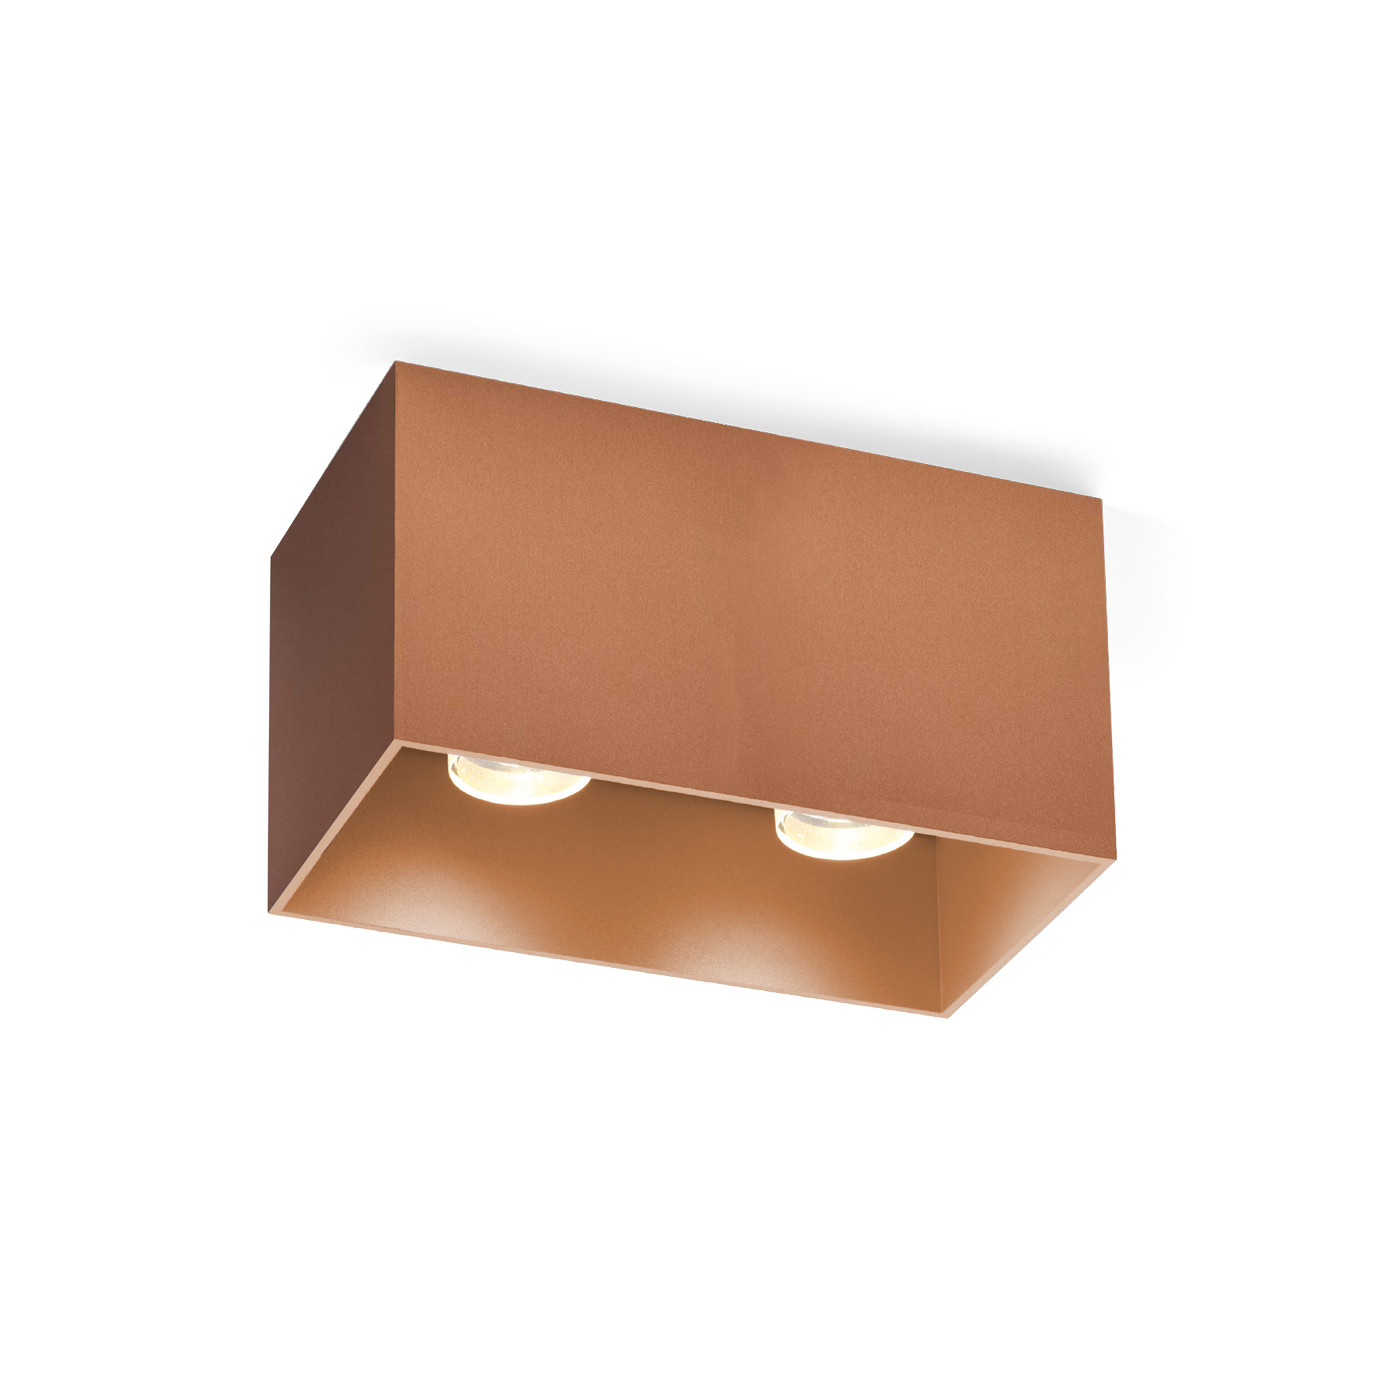 Wever & Ducré Box 2.0 Plafonnier 3000K